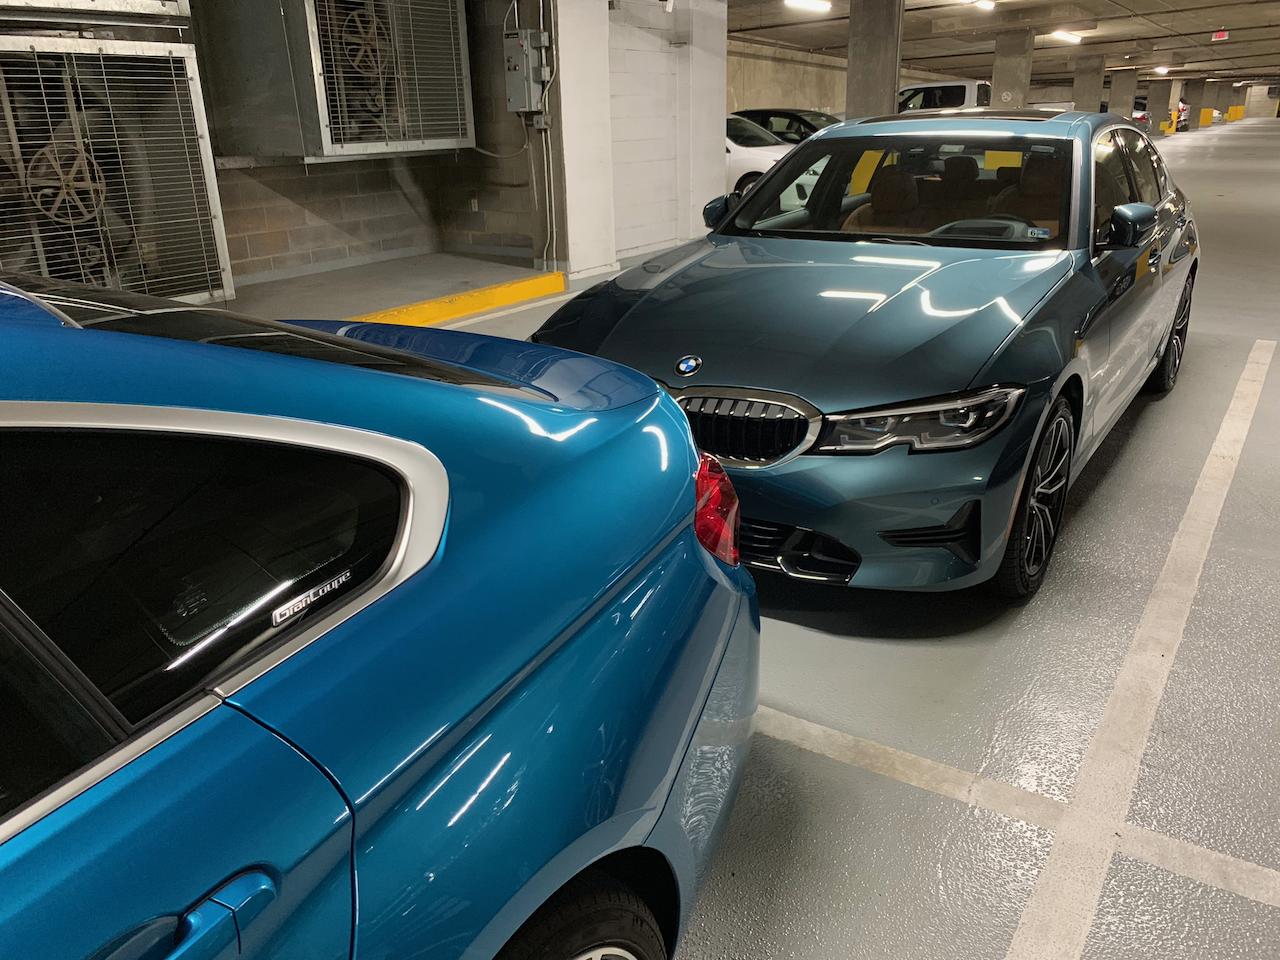 2018 - [BMW] Série 3 [G20/G21] - Page 32 B6xdw1